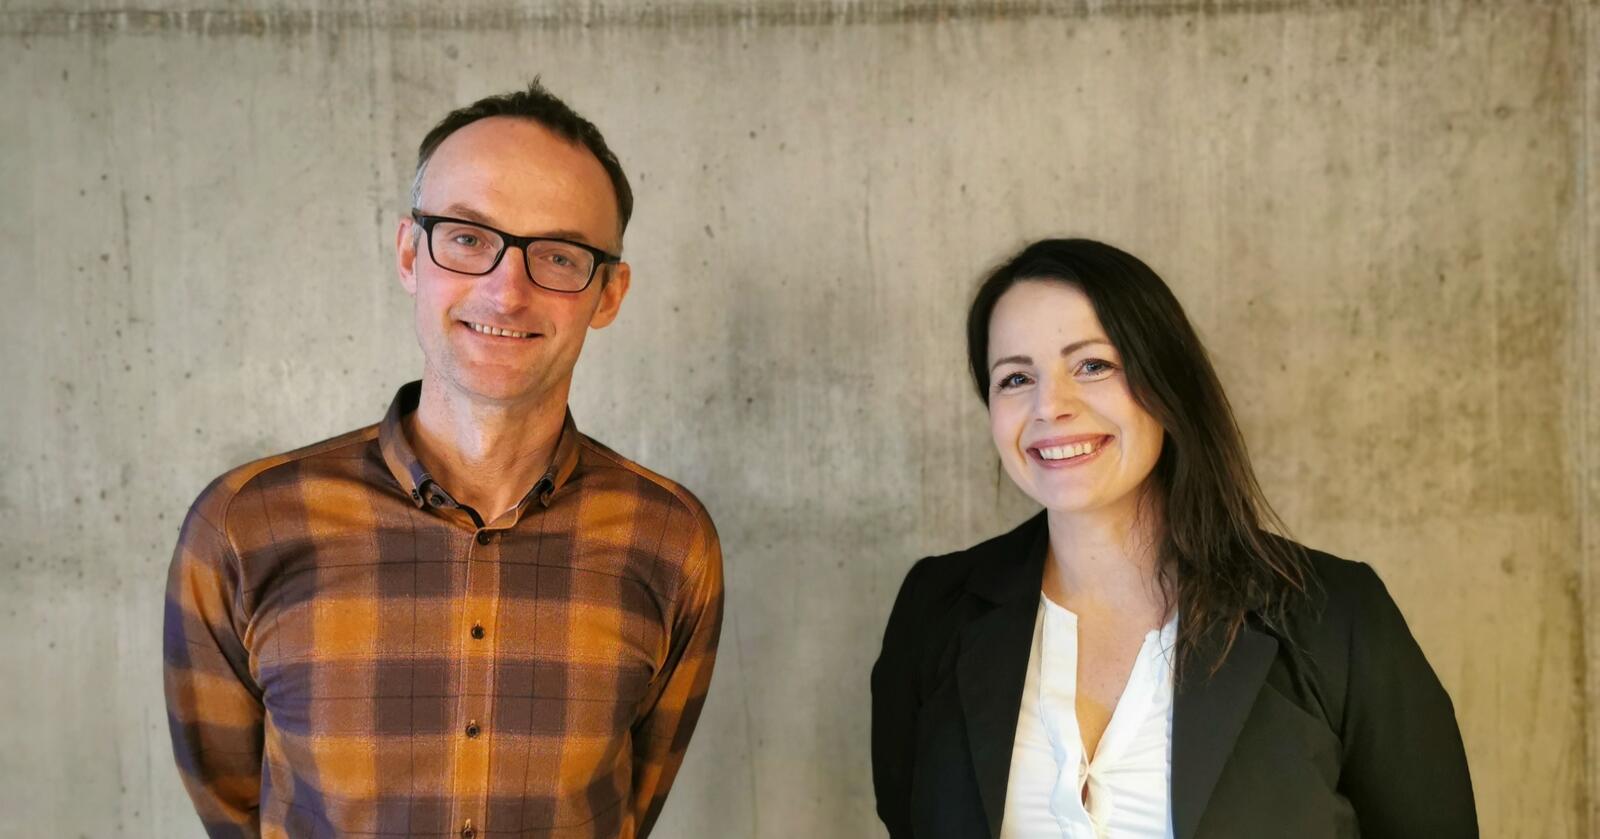 Anders Felde og Marianne Nordhus skal leie Vestland Bondelag det neste året. Nordhus er nyvald nestleiar. (Foto: Vestland Bondelag)